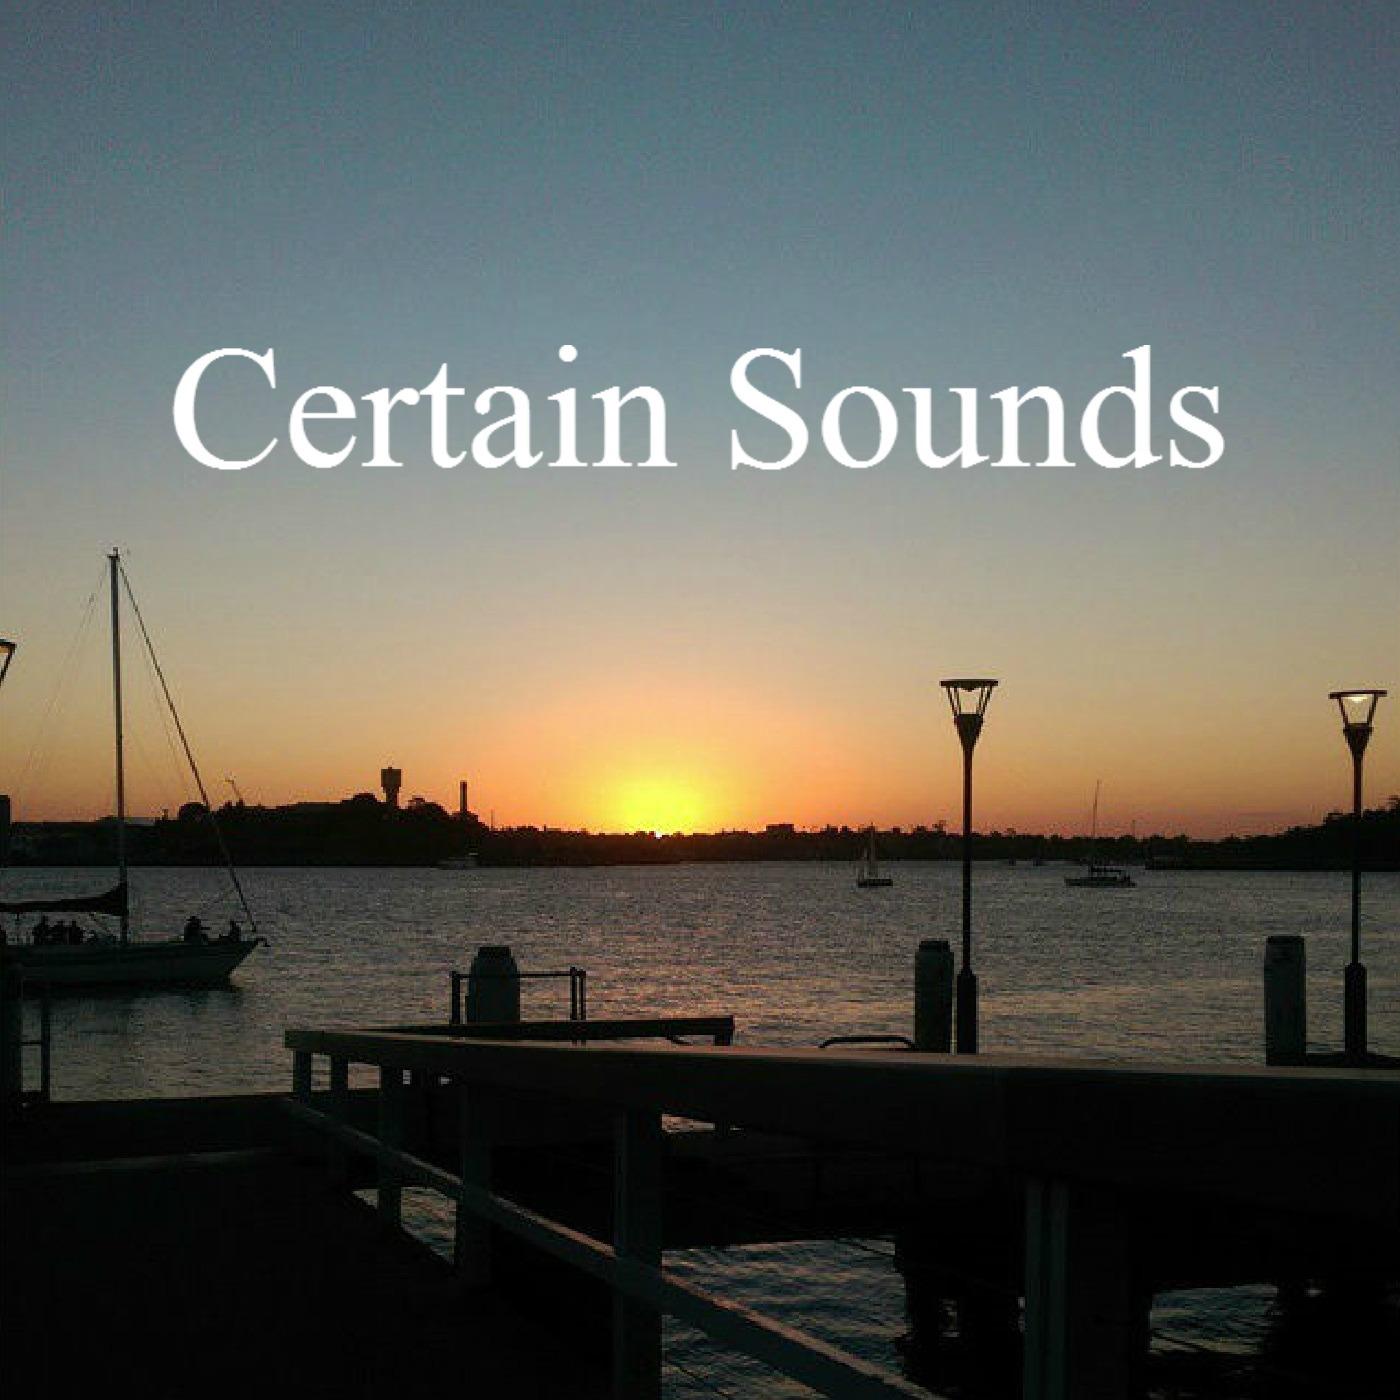 Certain Sounds